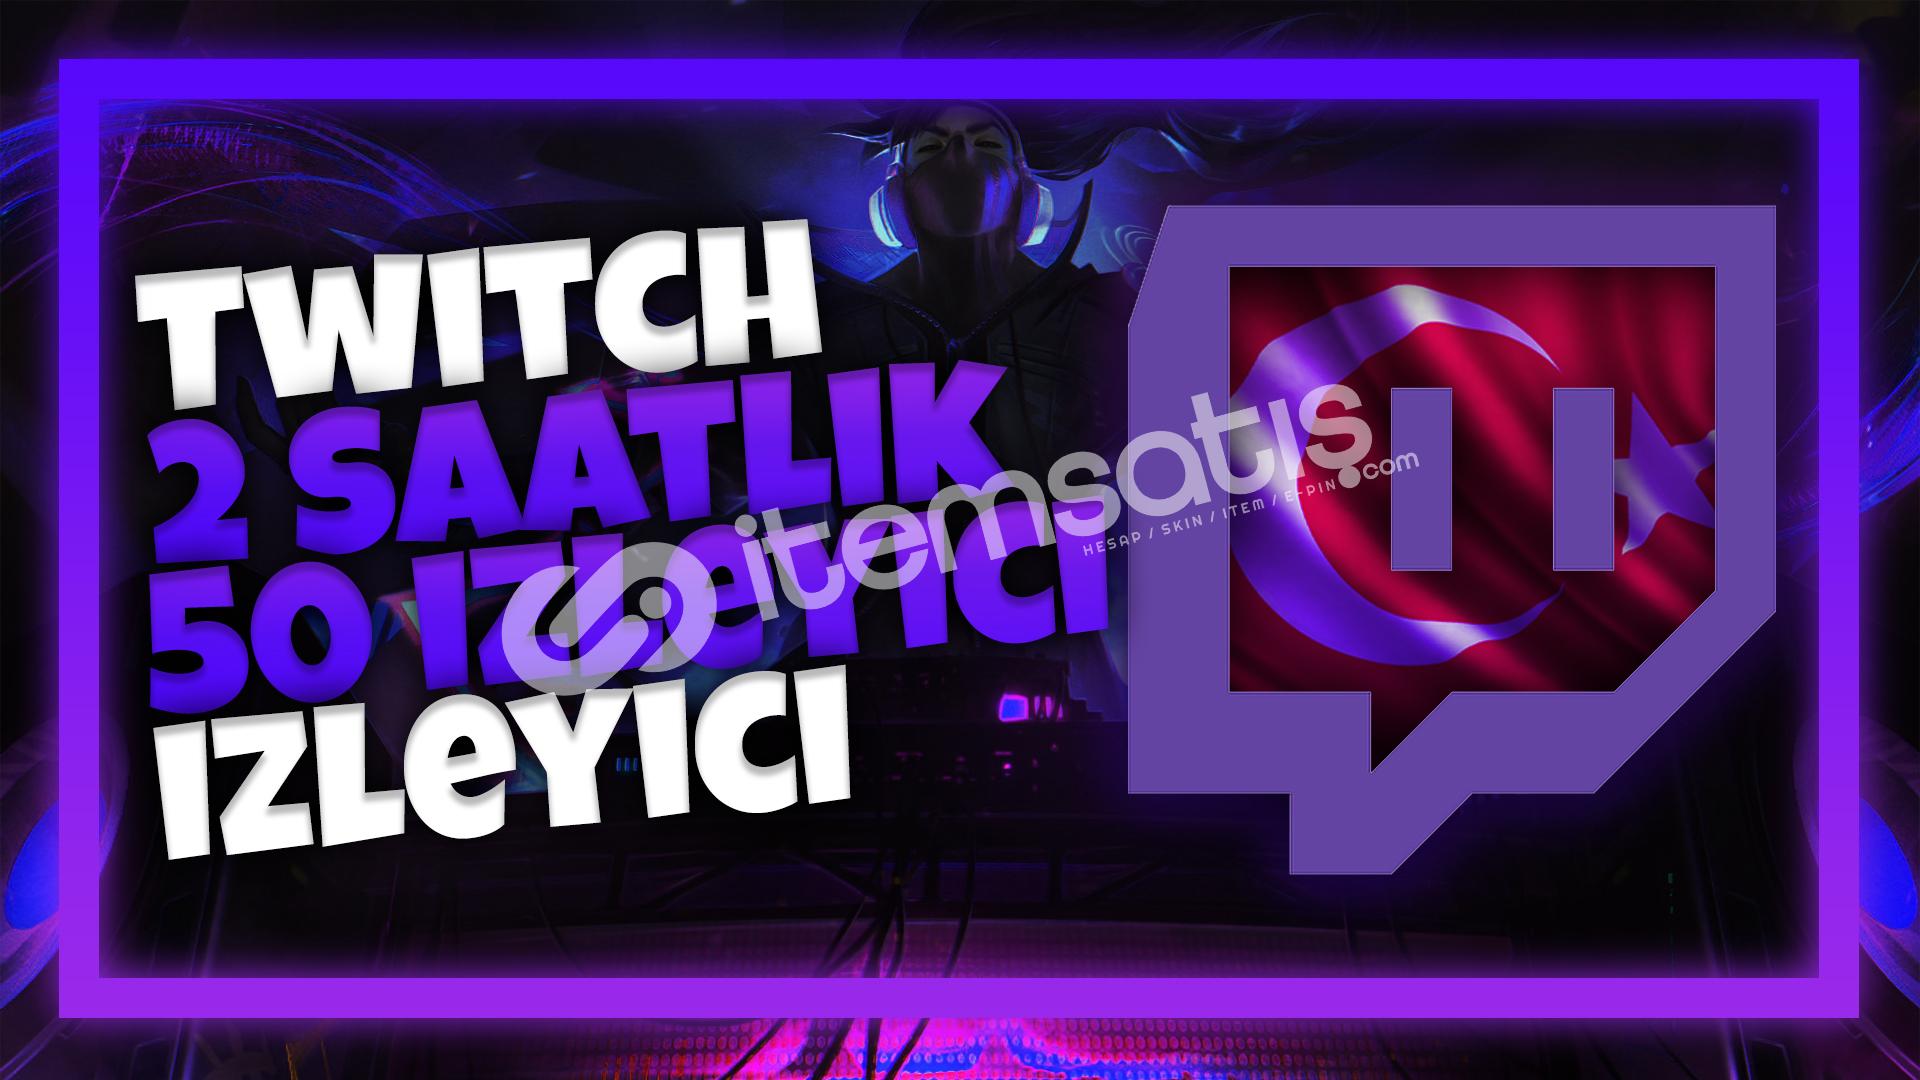 Twitch 2 Saatlik 50 Türk İzleyici